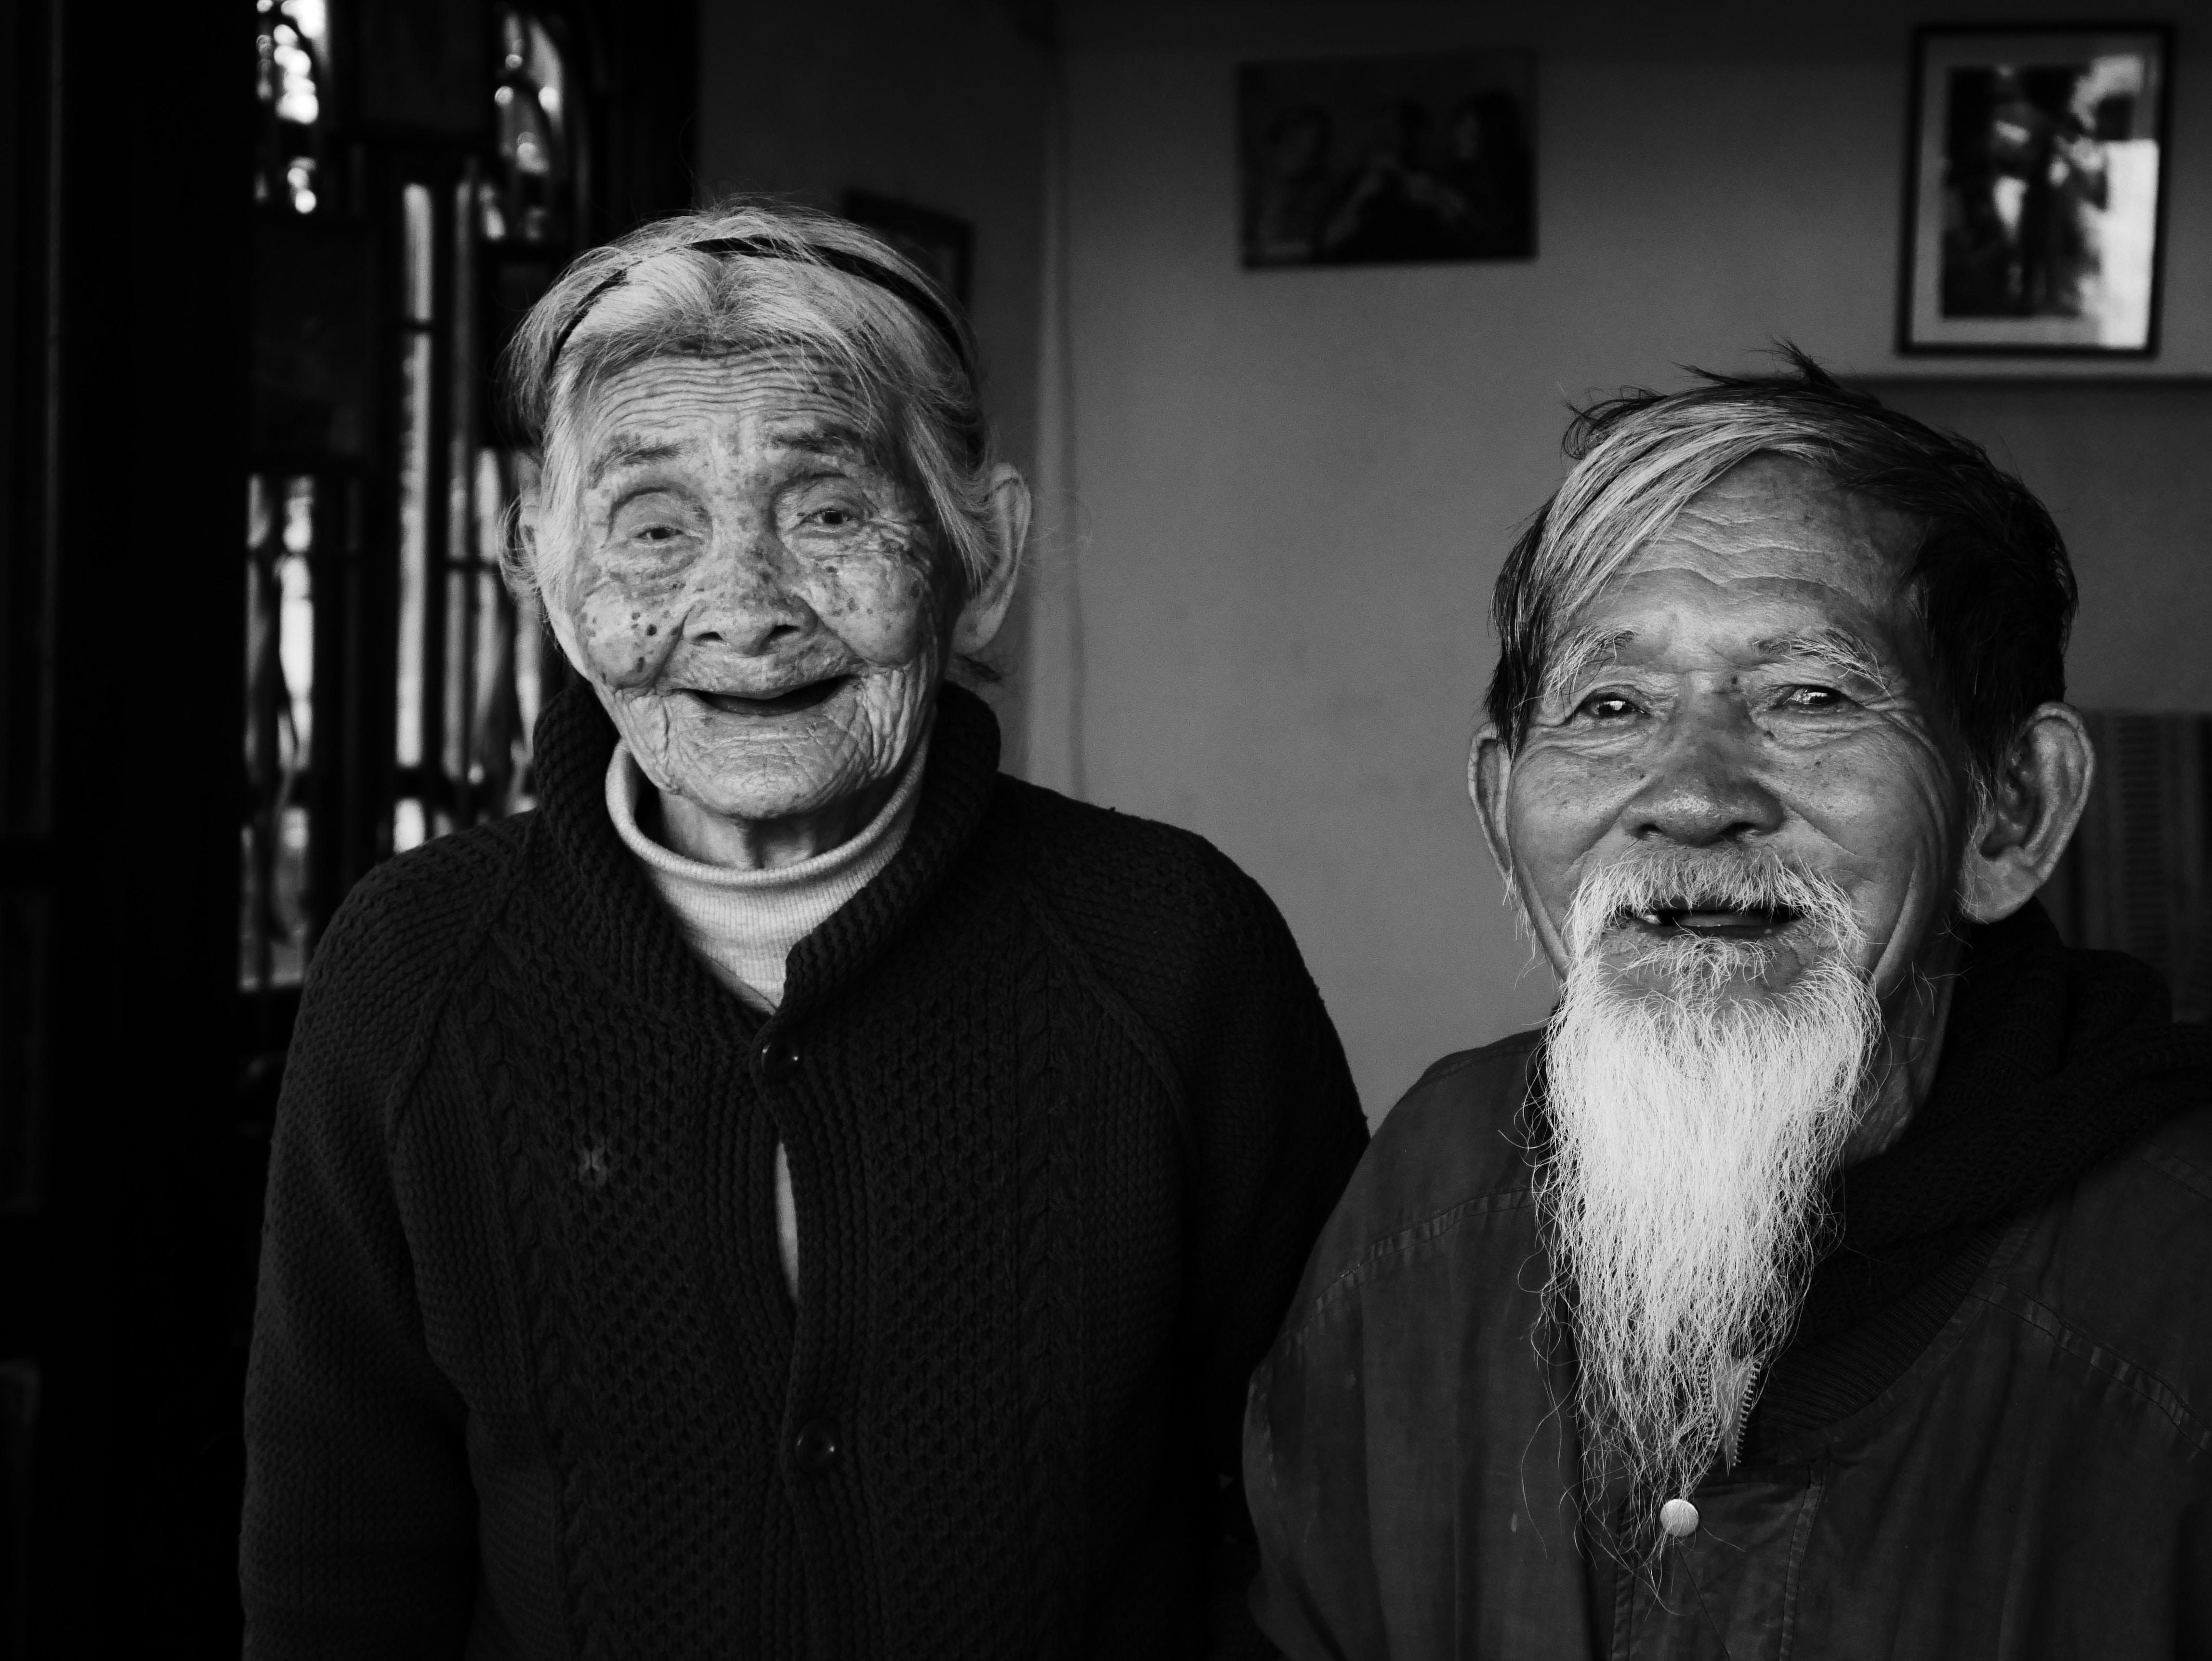 Người Việt Nhớ Khi Xa Nhà, nụ cười ấm áp của bố mẹ